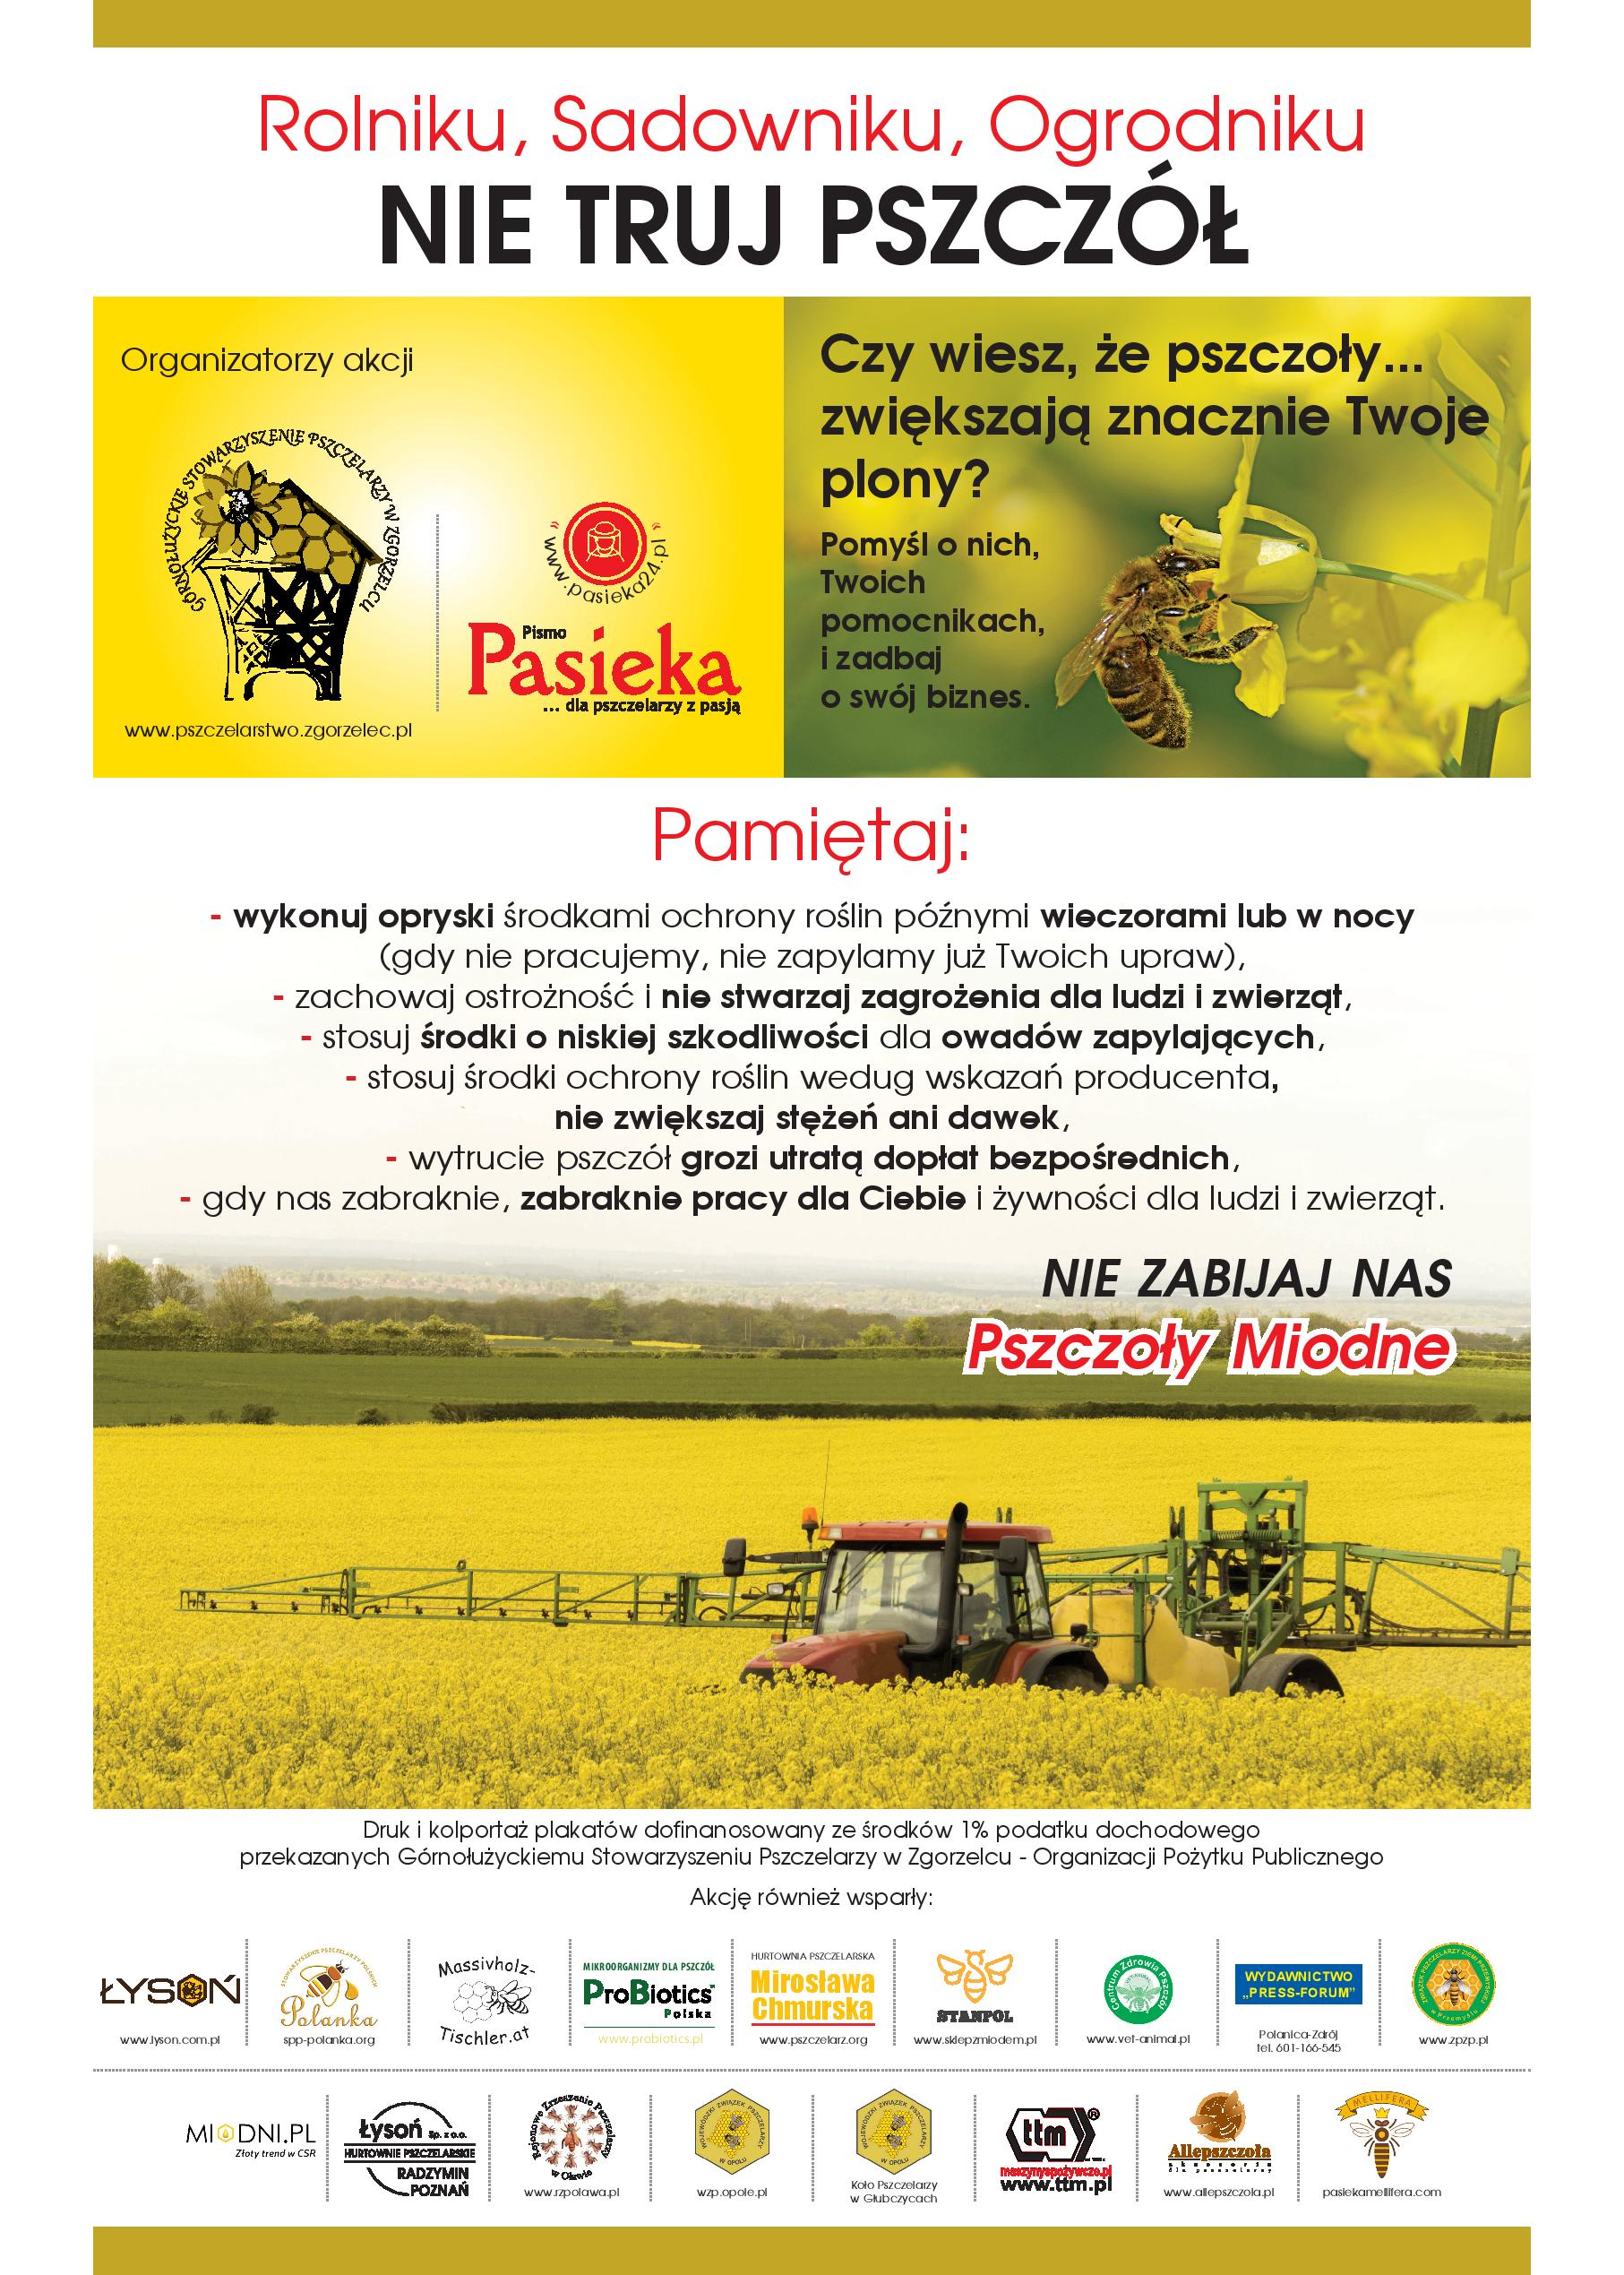 plakat-A3_Rolniku_nie_truj_pszczol